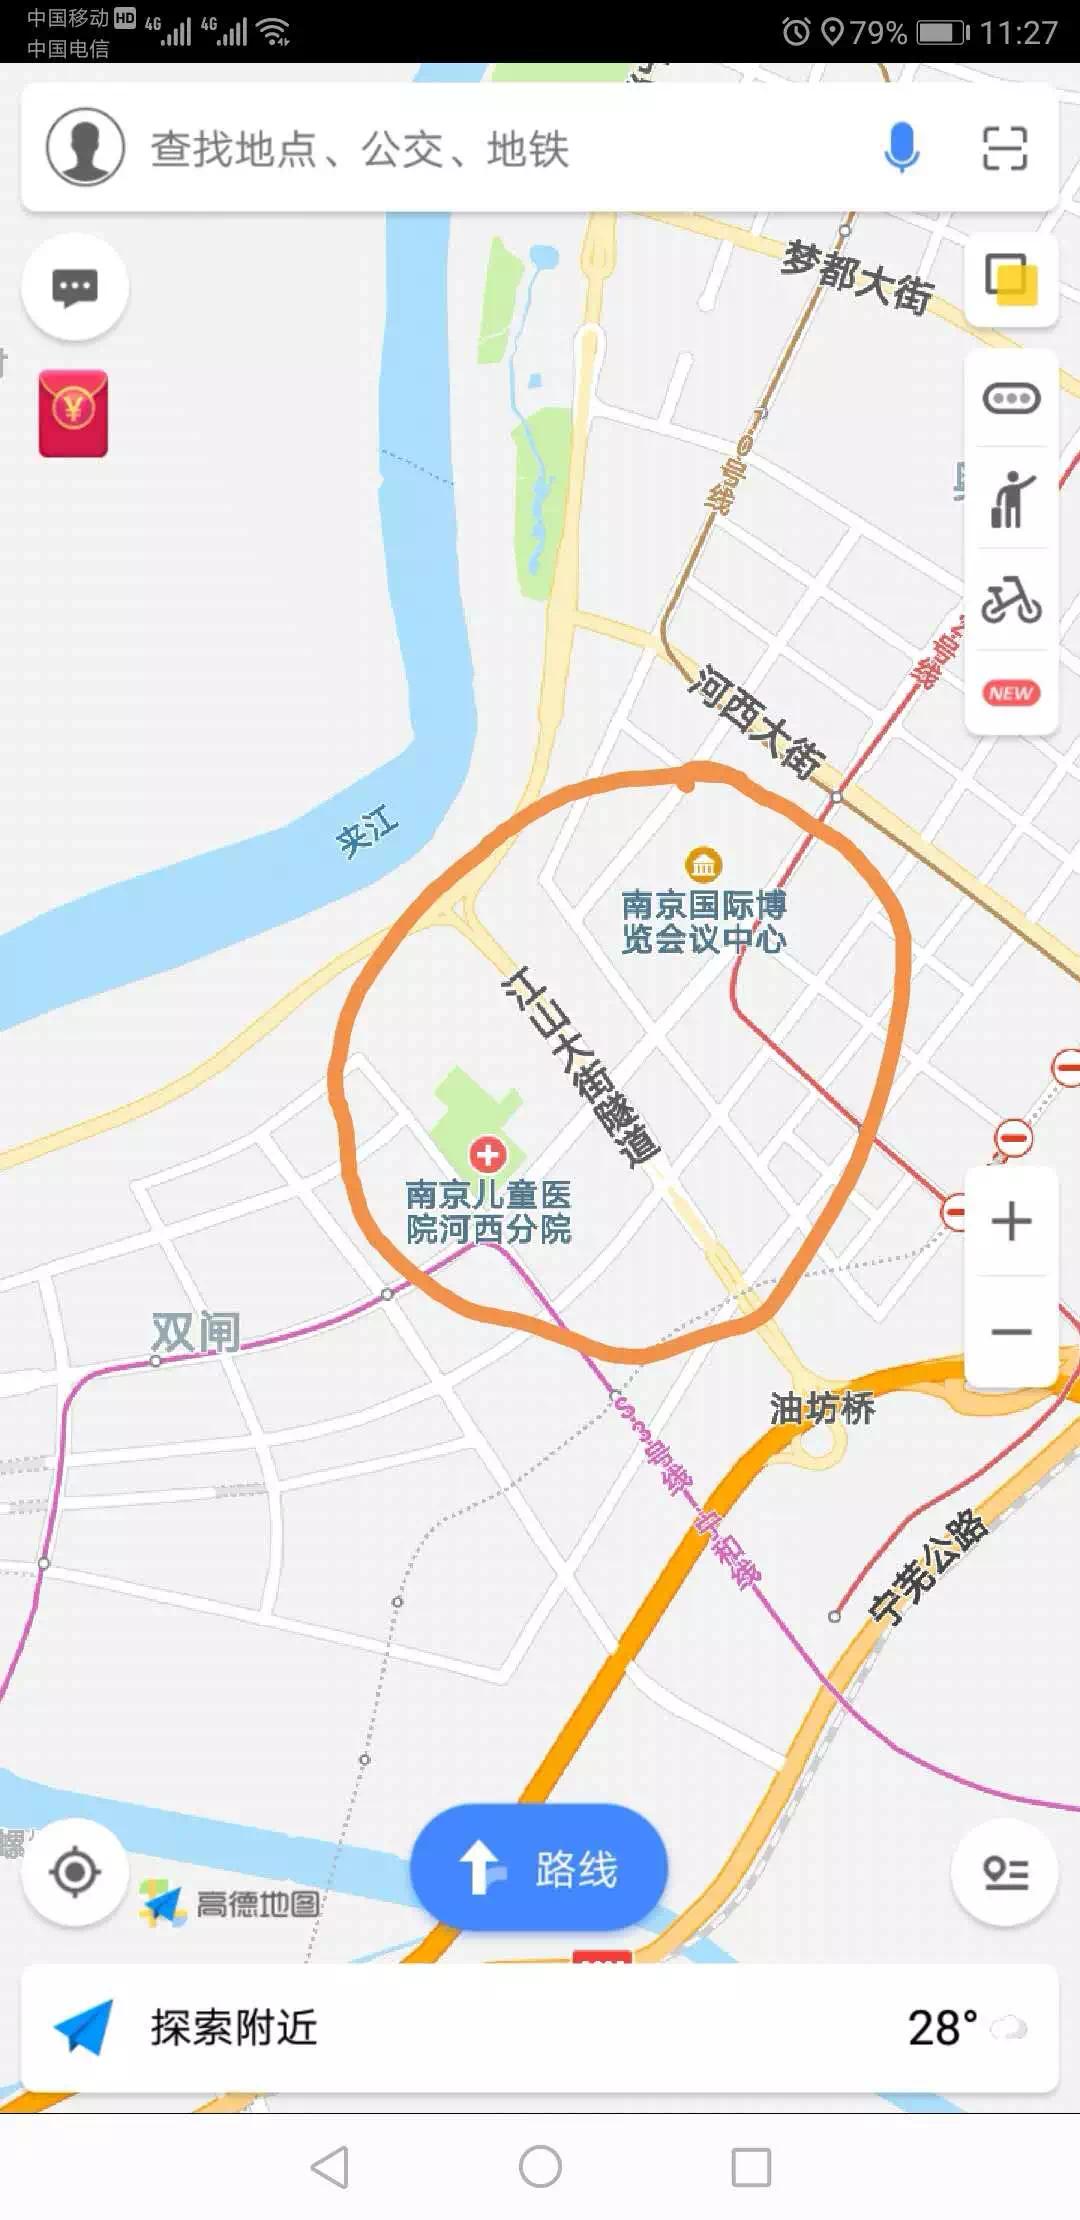 地铁2号线,你为何连西延都要抛弃江东南路?